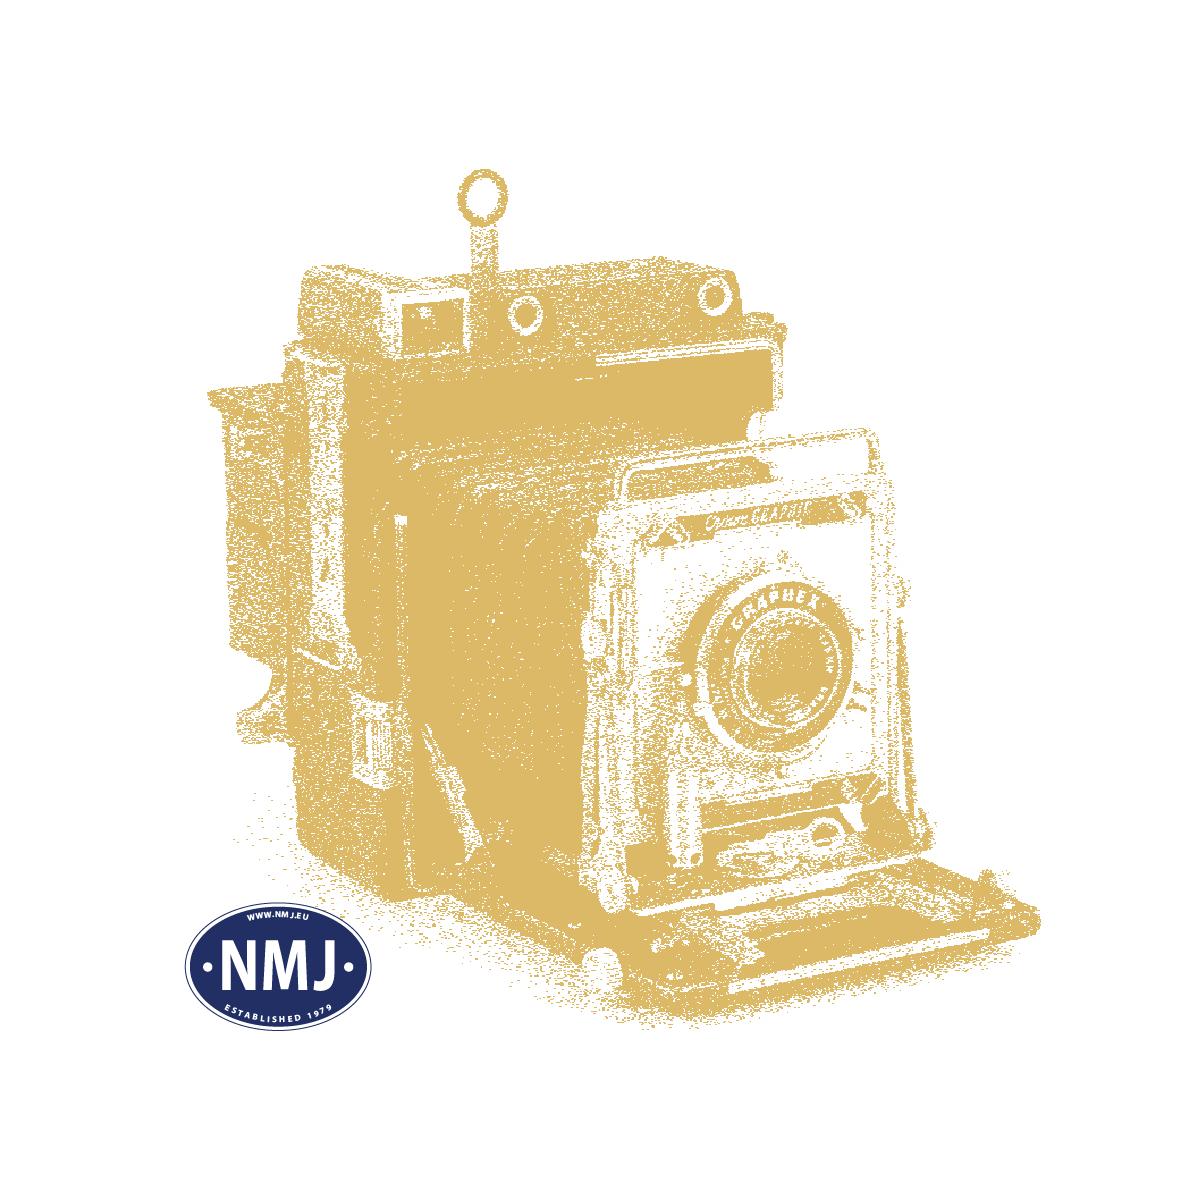 NMJT145401 - NMJ Topline SNCB 204003, 0-Skala